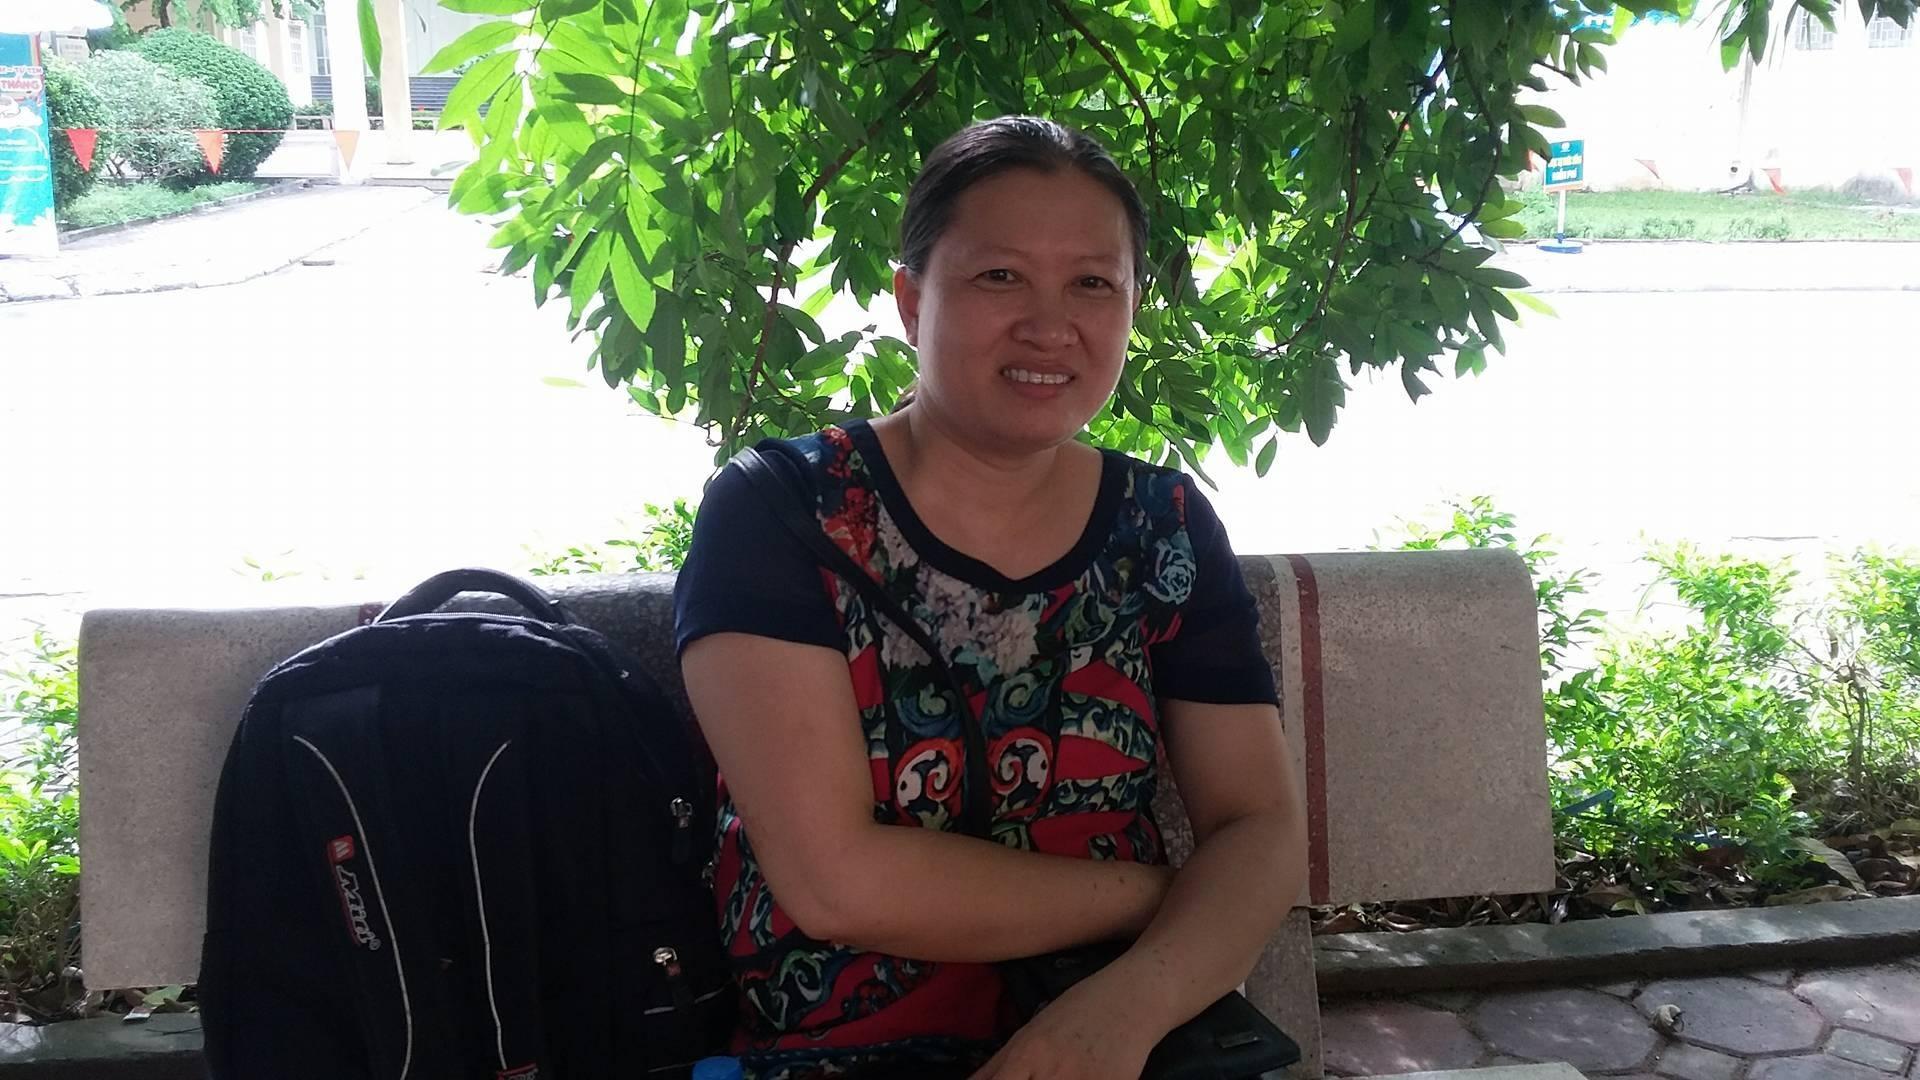 Dù nhà cách trường khoảng 7km, chị Nguyễn Thị Thêu vẫn quyết định thuê khách sạn cho con nghỉ ngơi, ôn thi